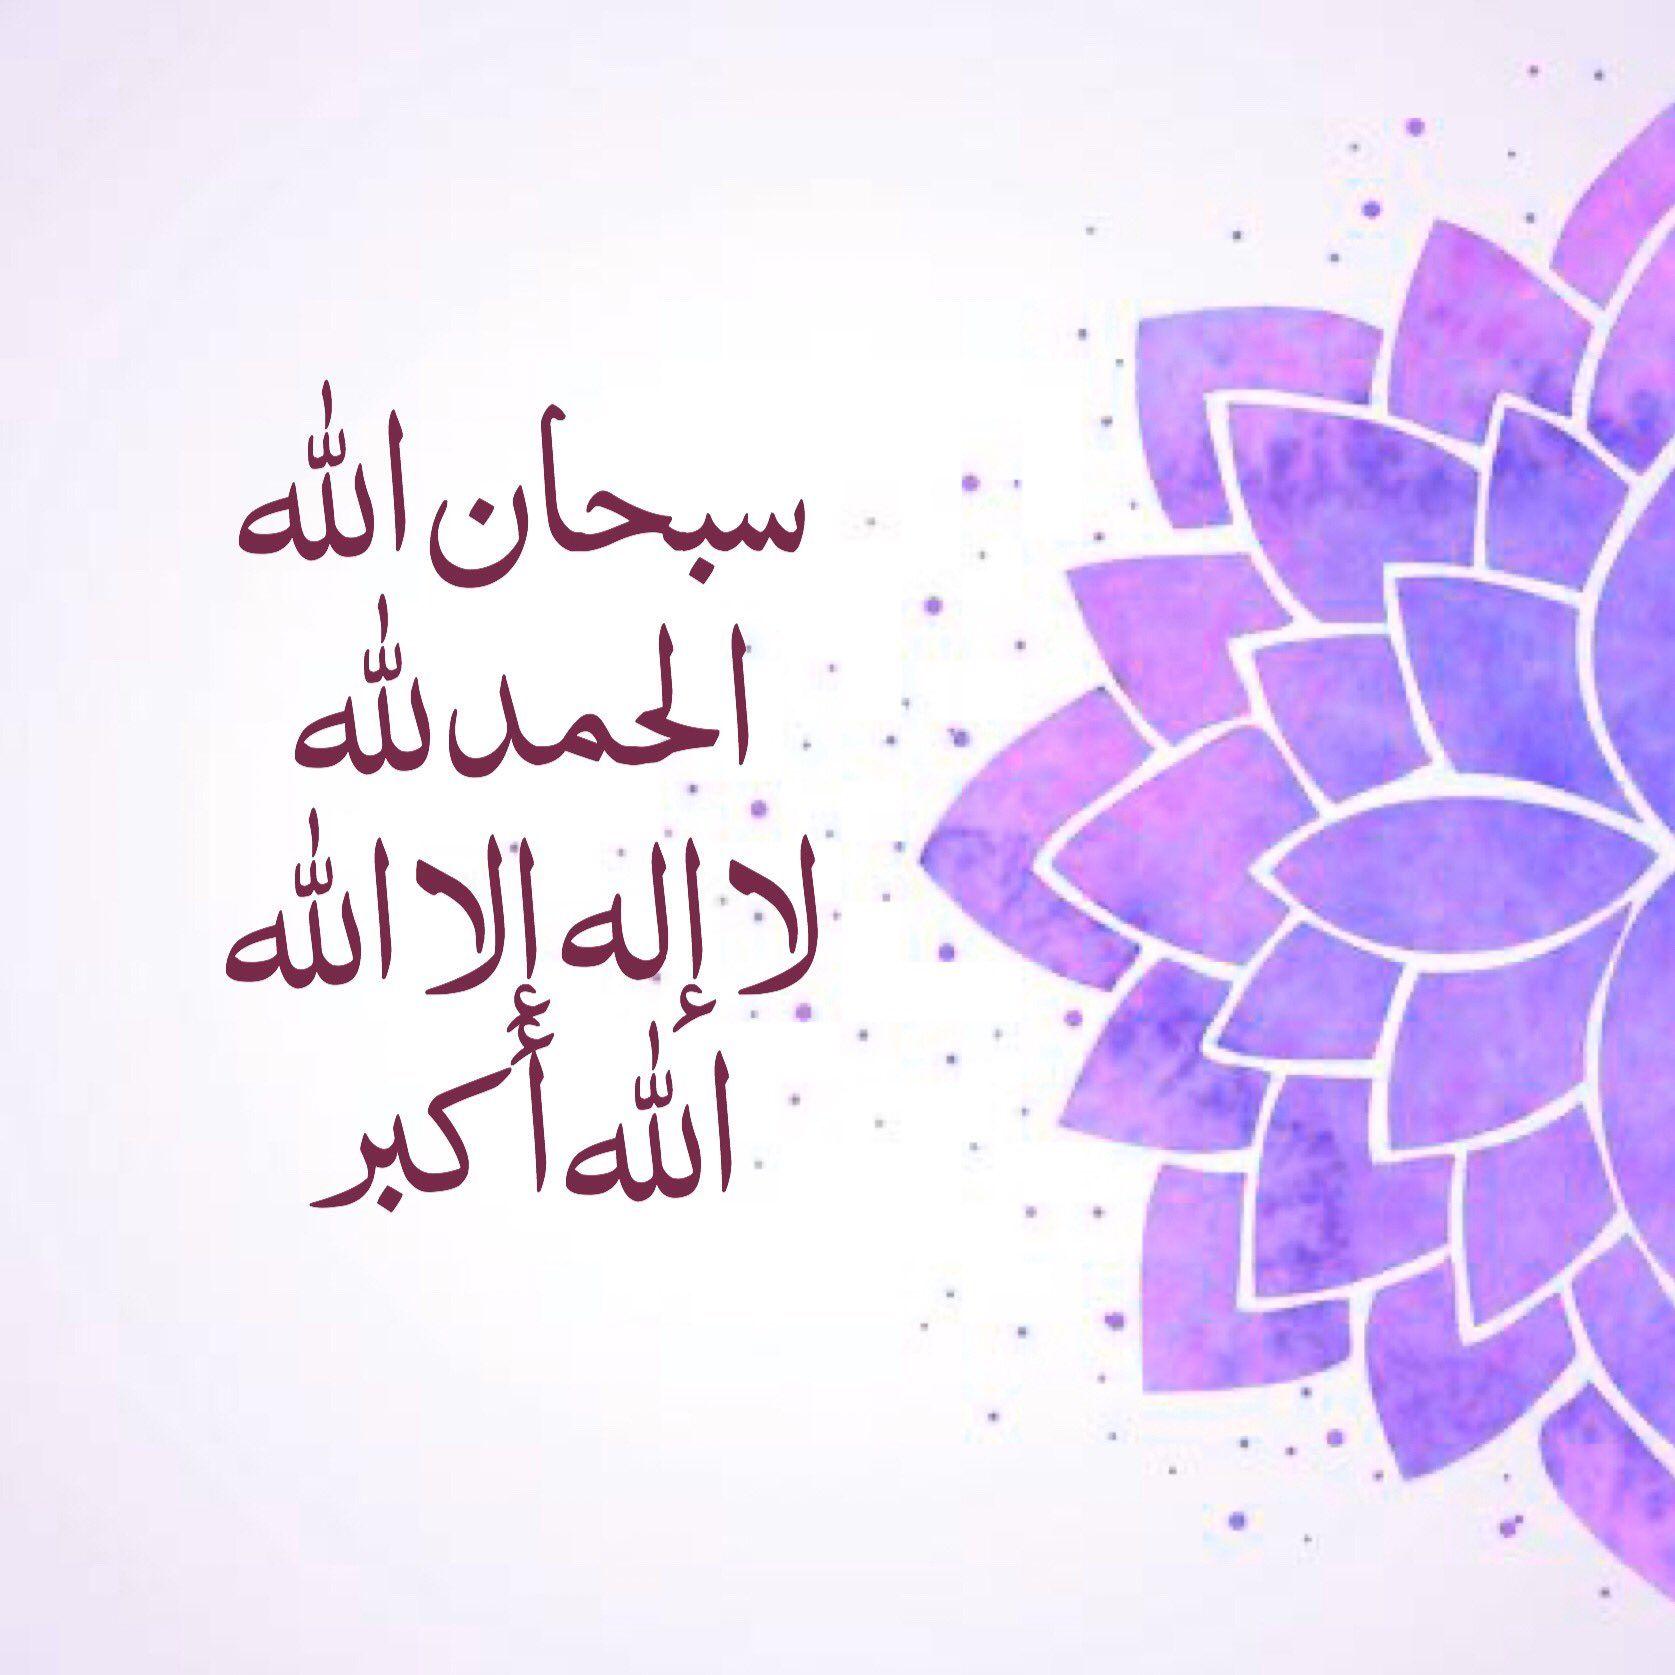 سبحان الله والحمد لله ولا إله إلا الله والله أكبر Arabic Calligraphy Doa Islam Calligraphy